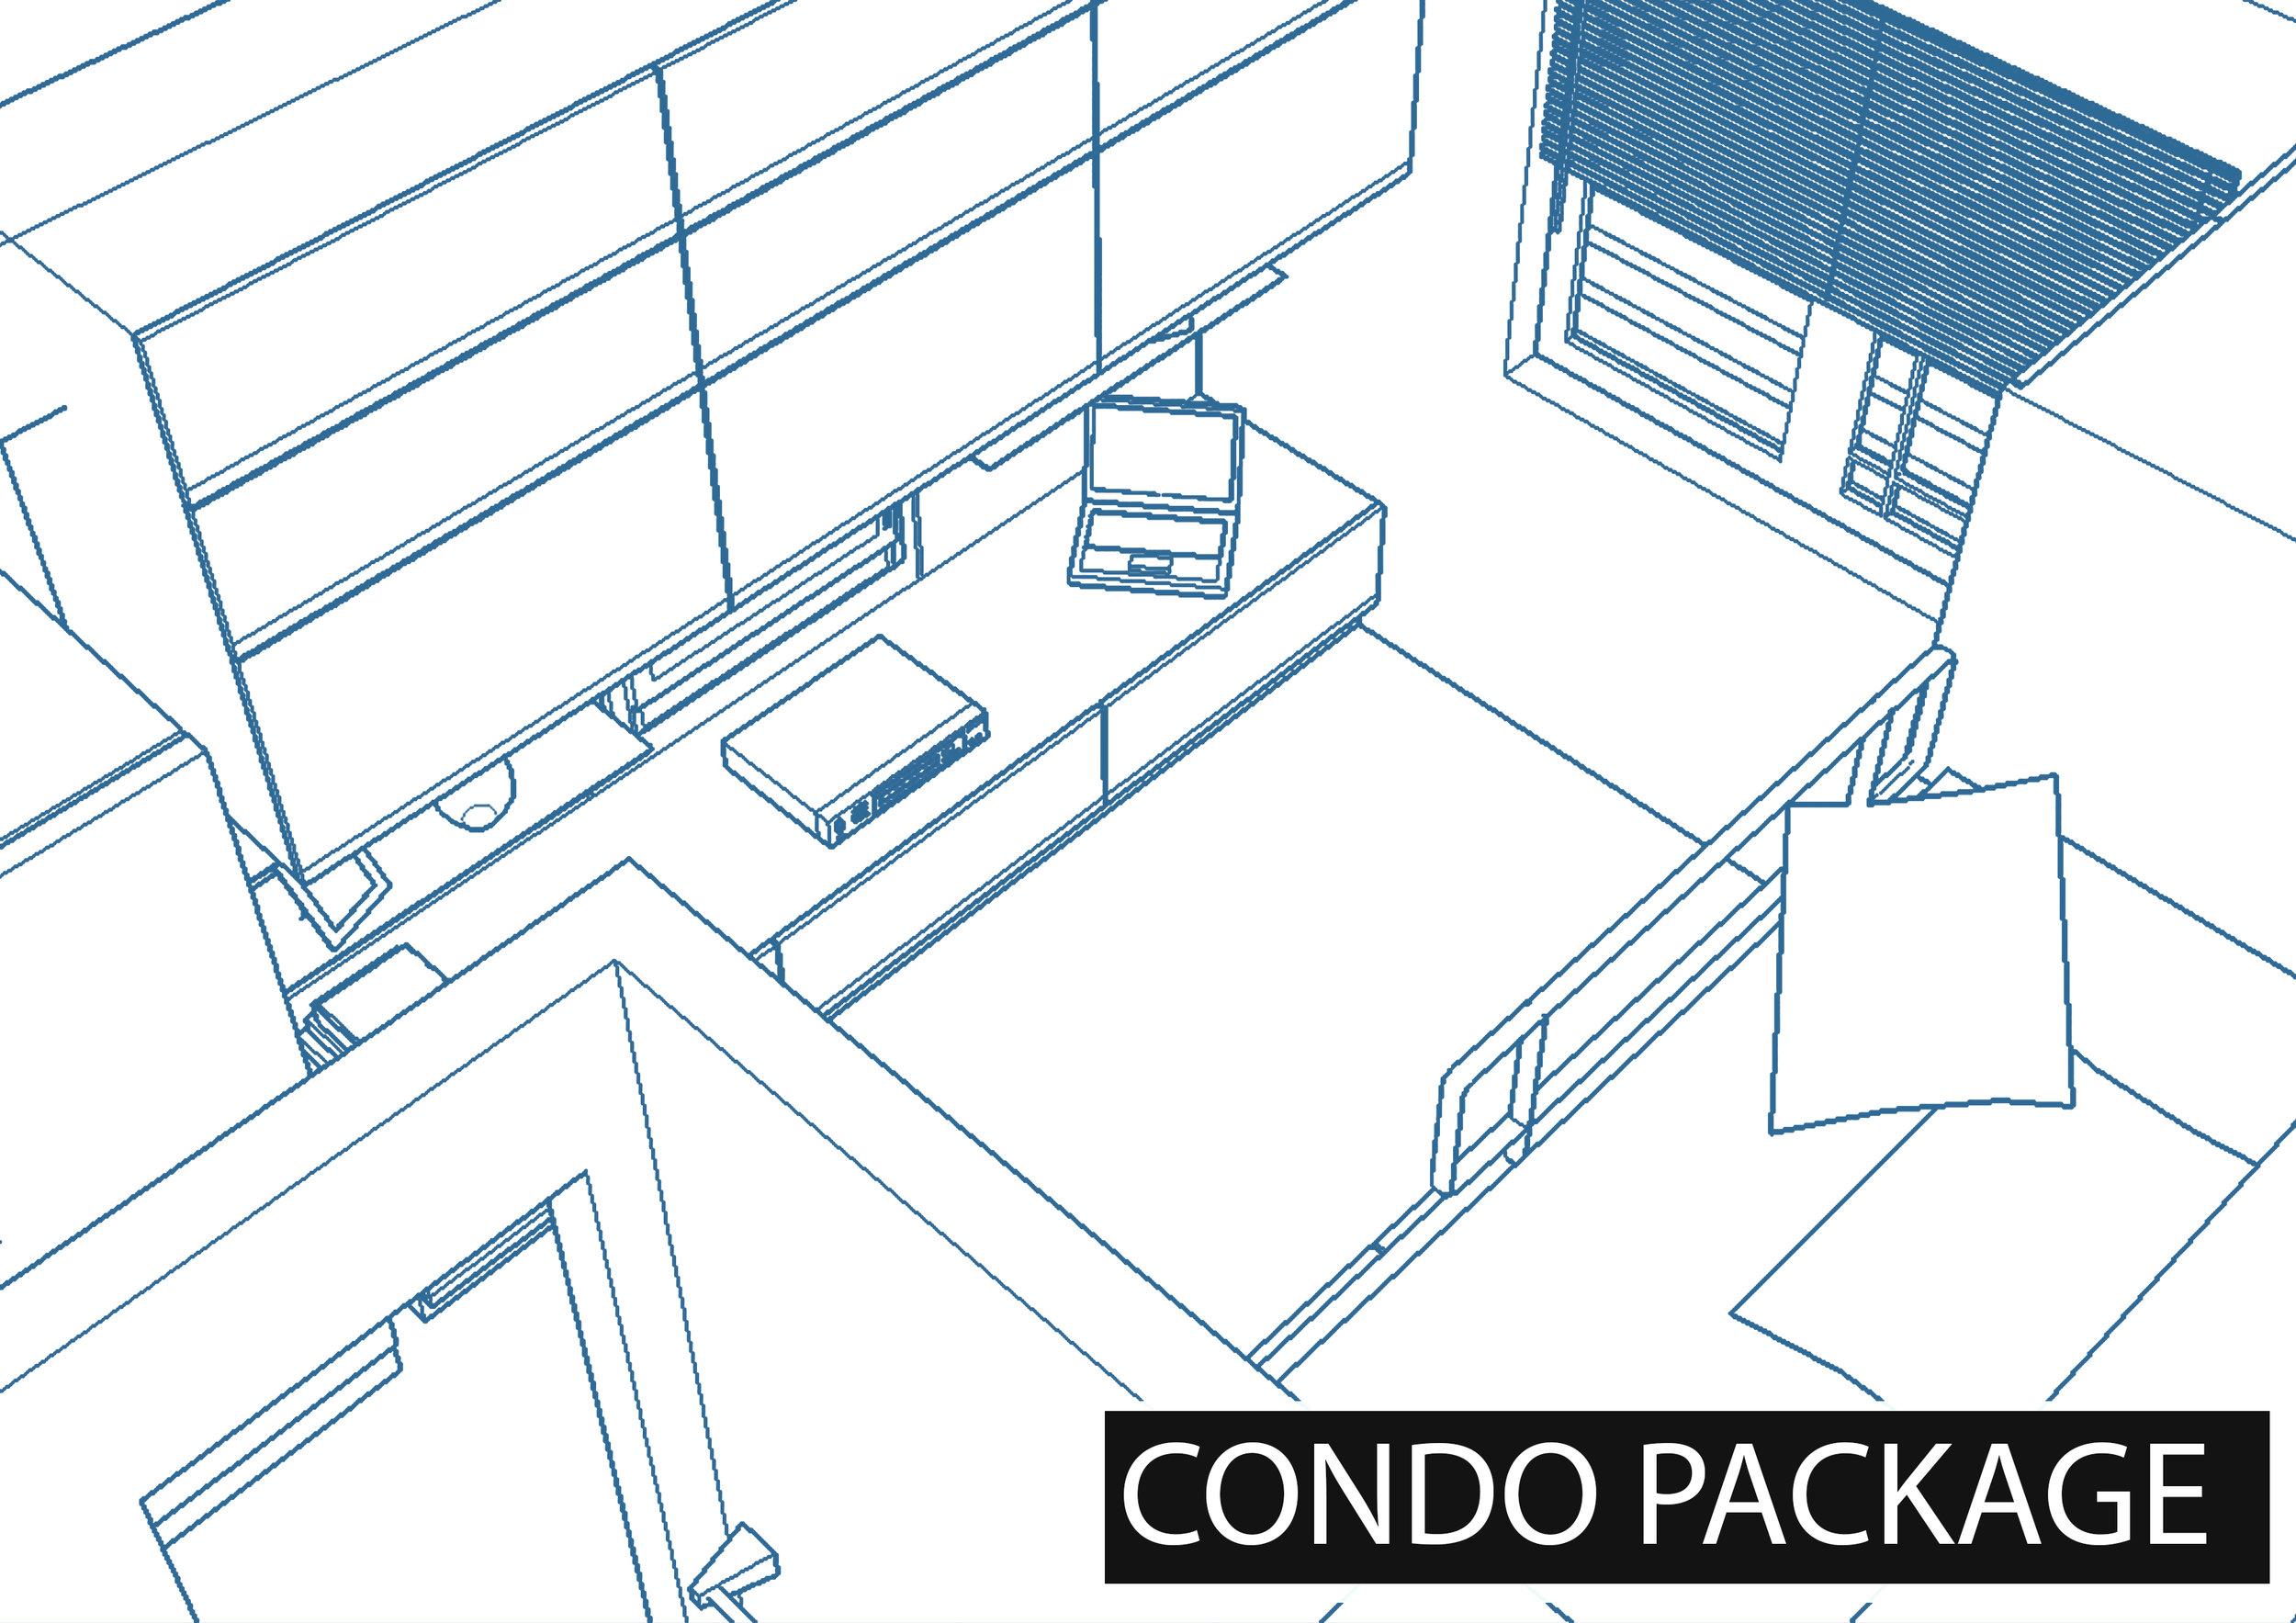 condo-package.jpg